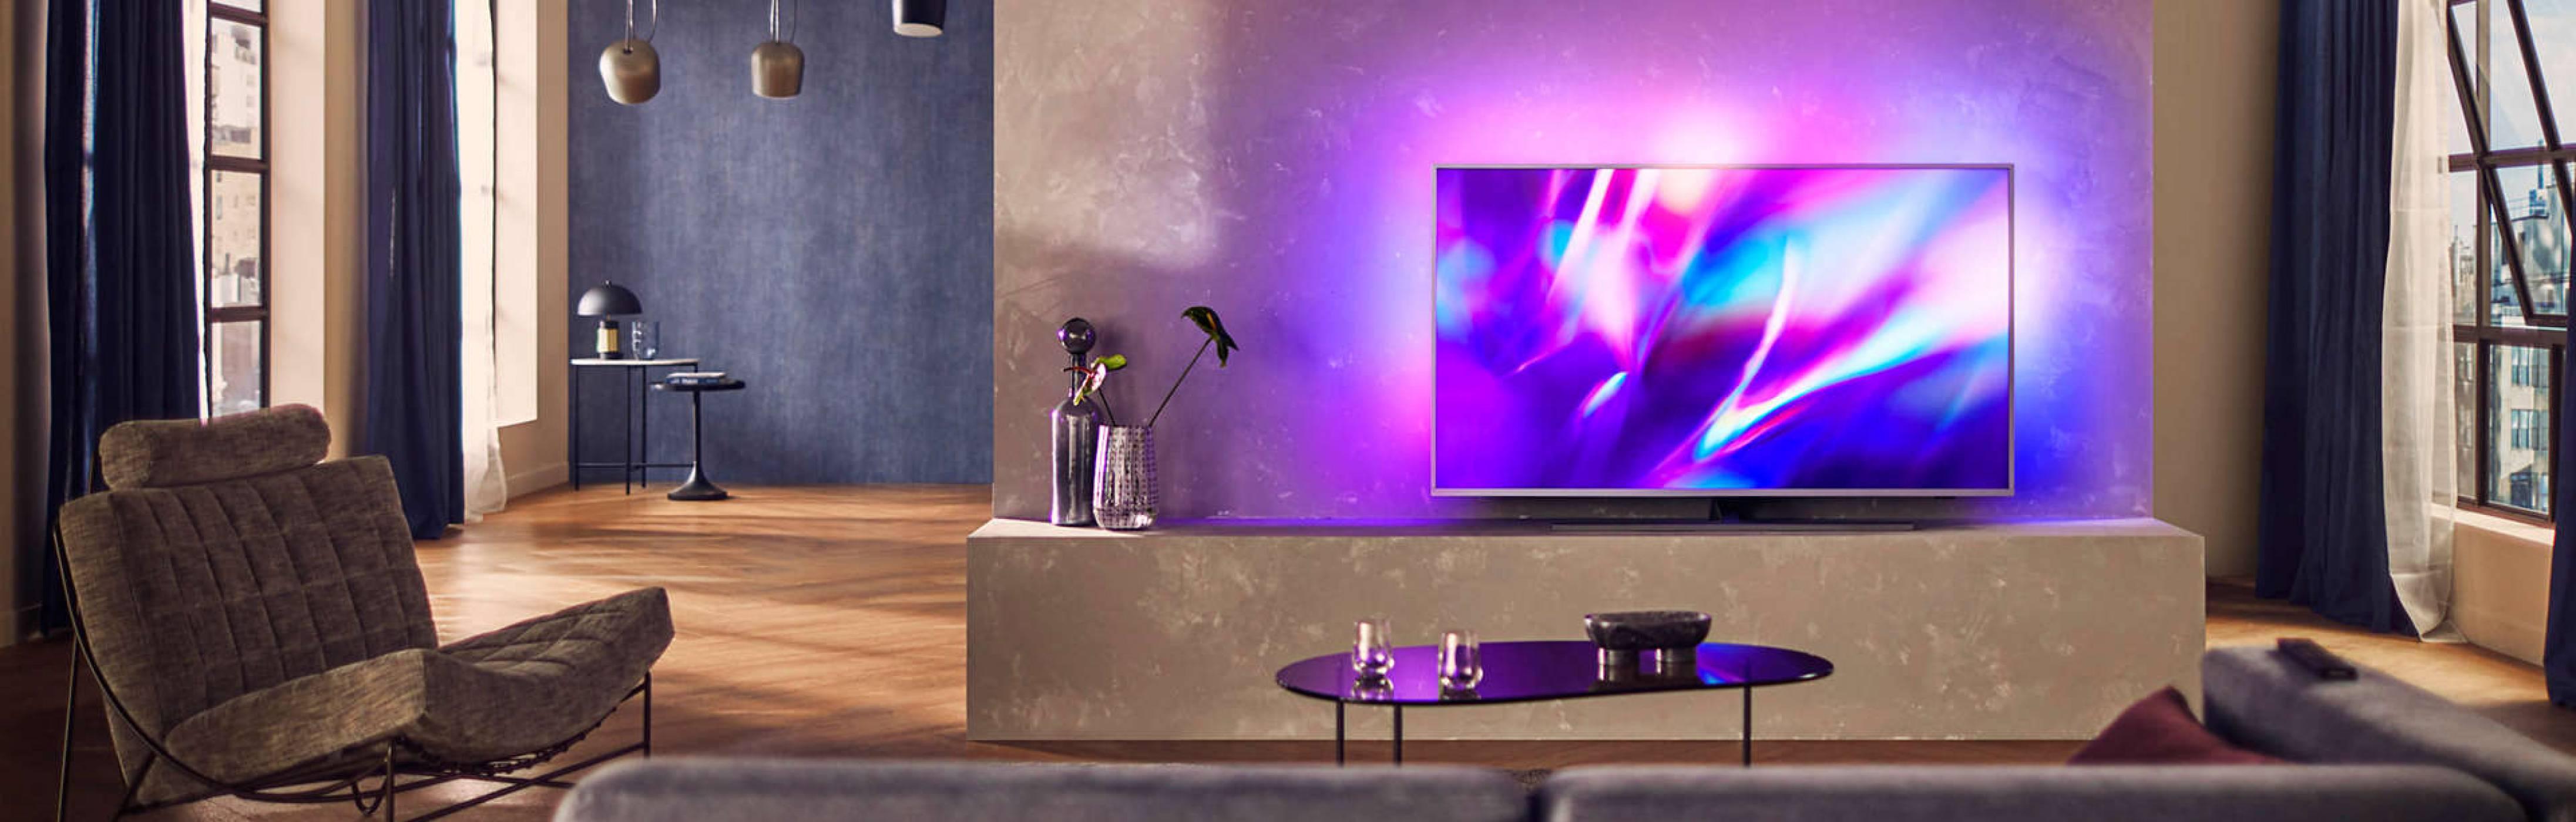 Серията телевизори 8505 на Philips пренася киносалона във вашия дом (РЕВЮ)